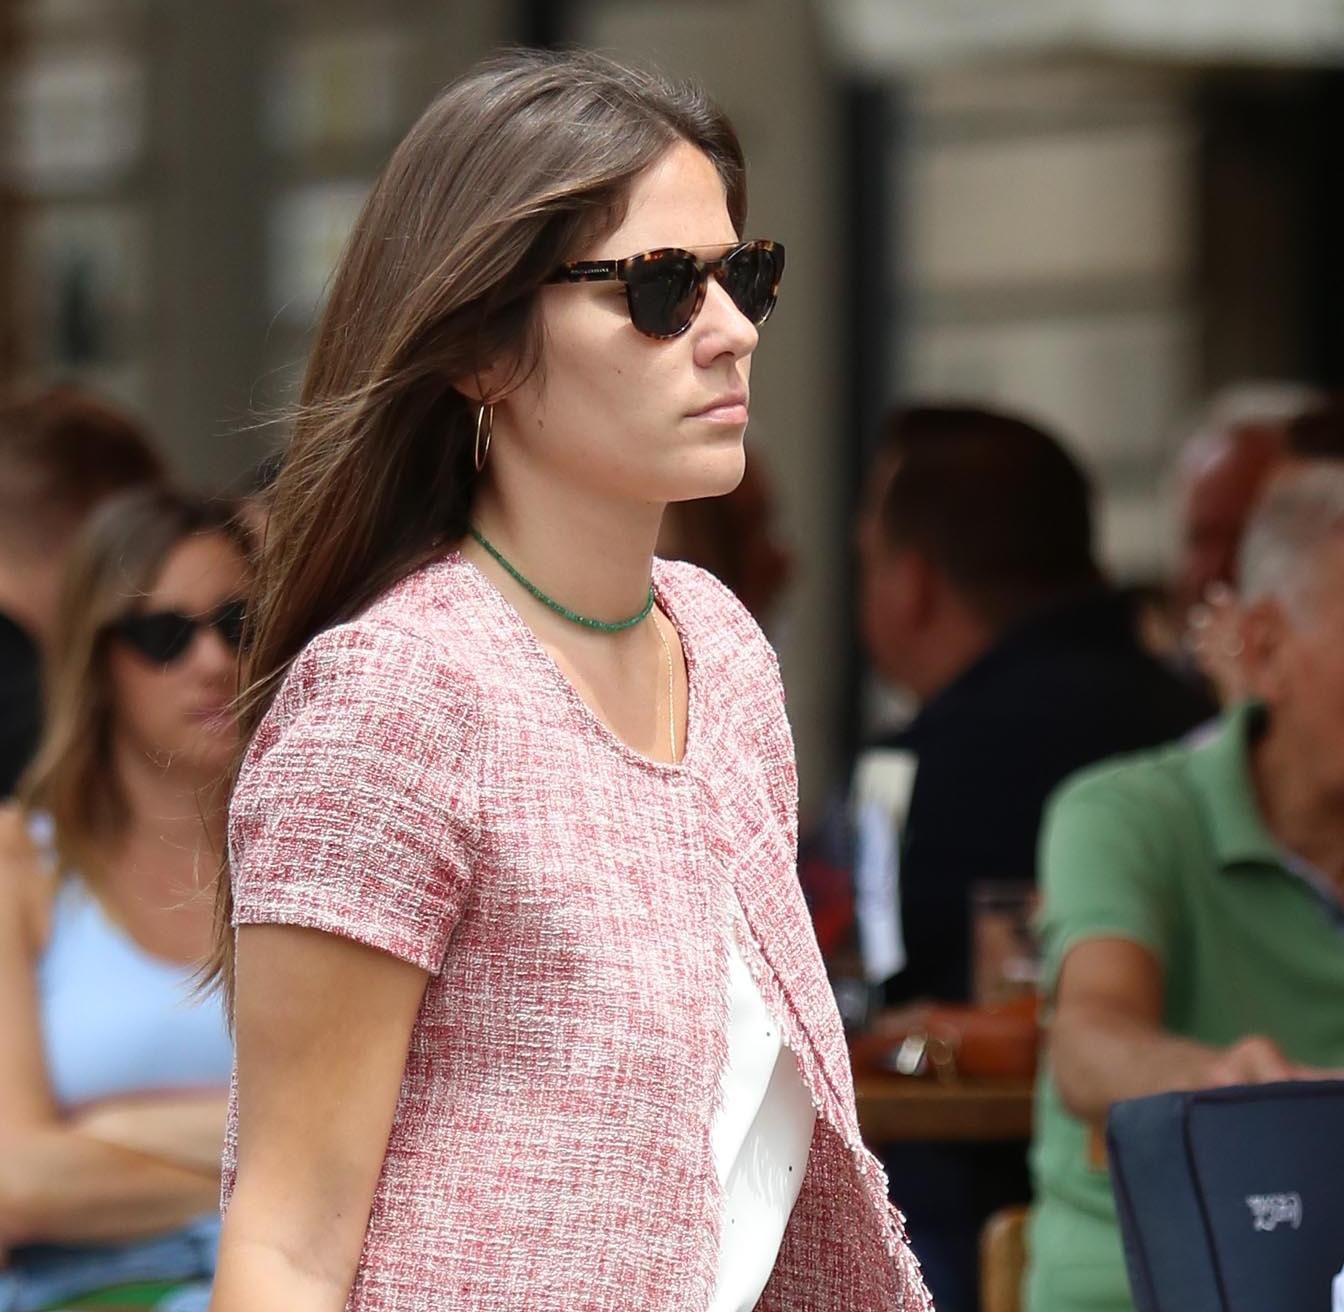 Kakav odličan styling: Ona izgleda kao s naslovnice modnog časopisa